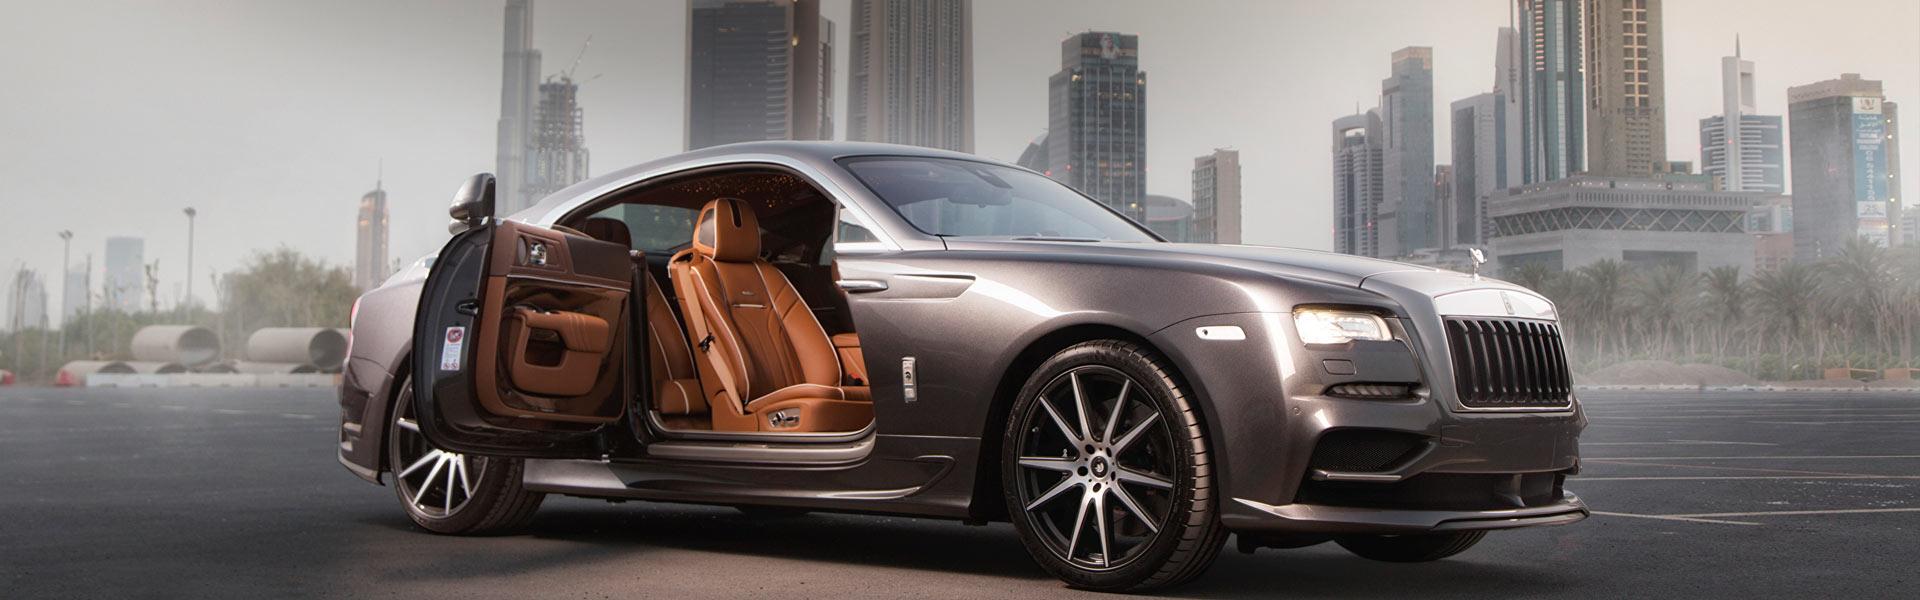 Ремонт двигателя Rolls-Royce